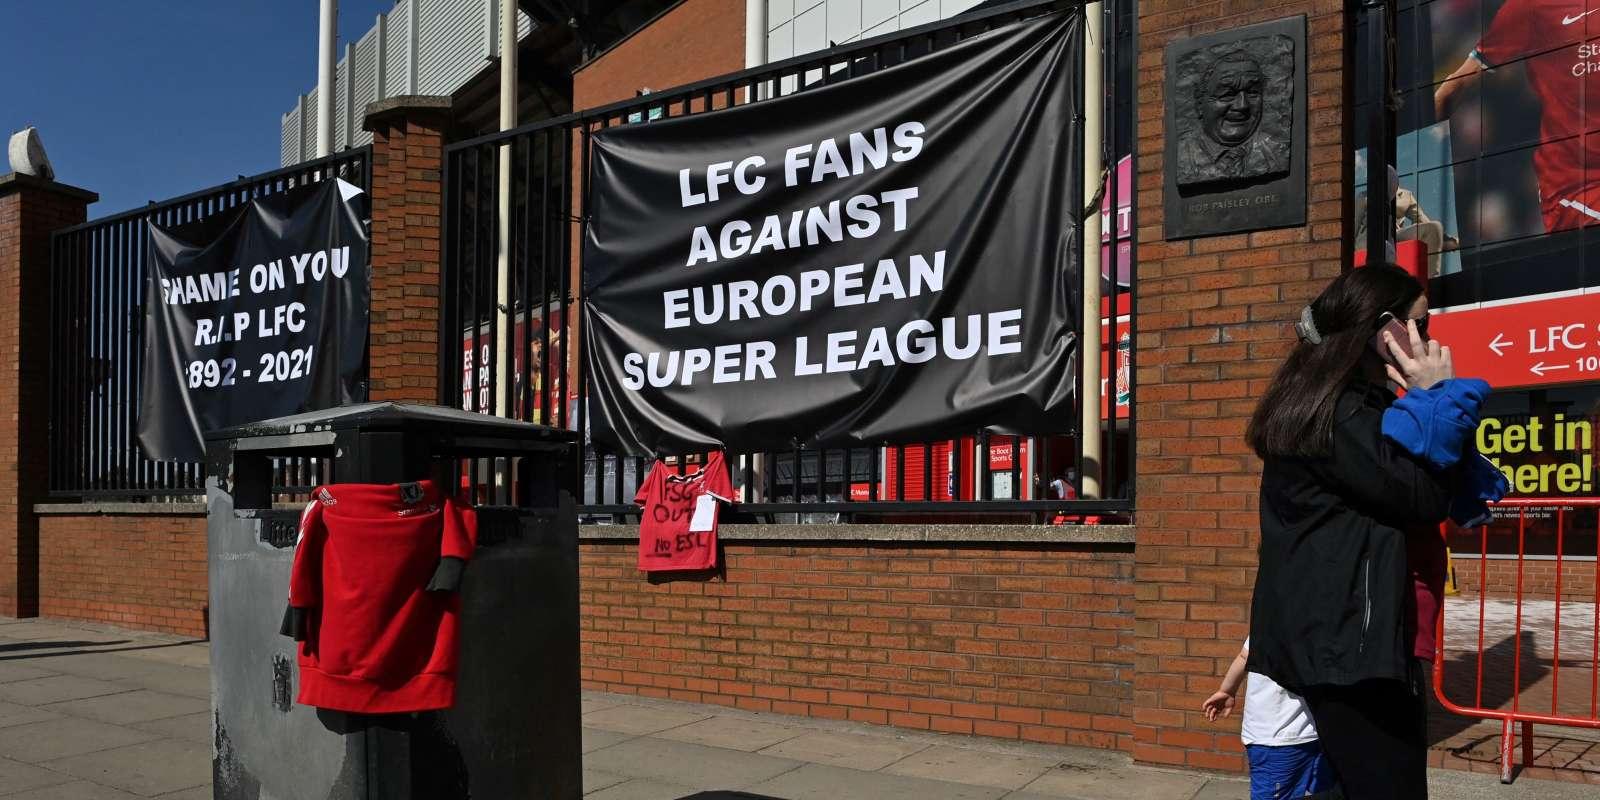 Aux abords d'Anfield, le stade du club de football de Liverpool, des supporteurs ont installé une bannière contre le projet de Superligue, le 19 avril.